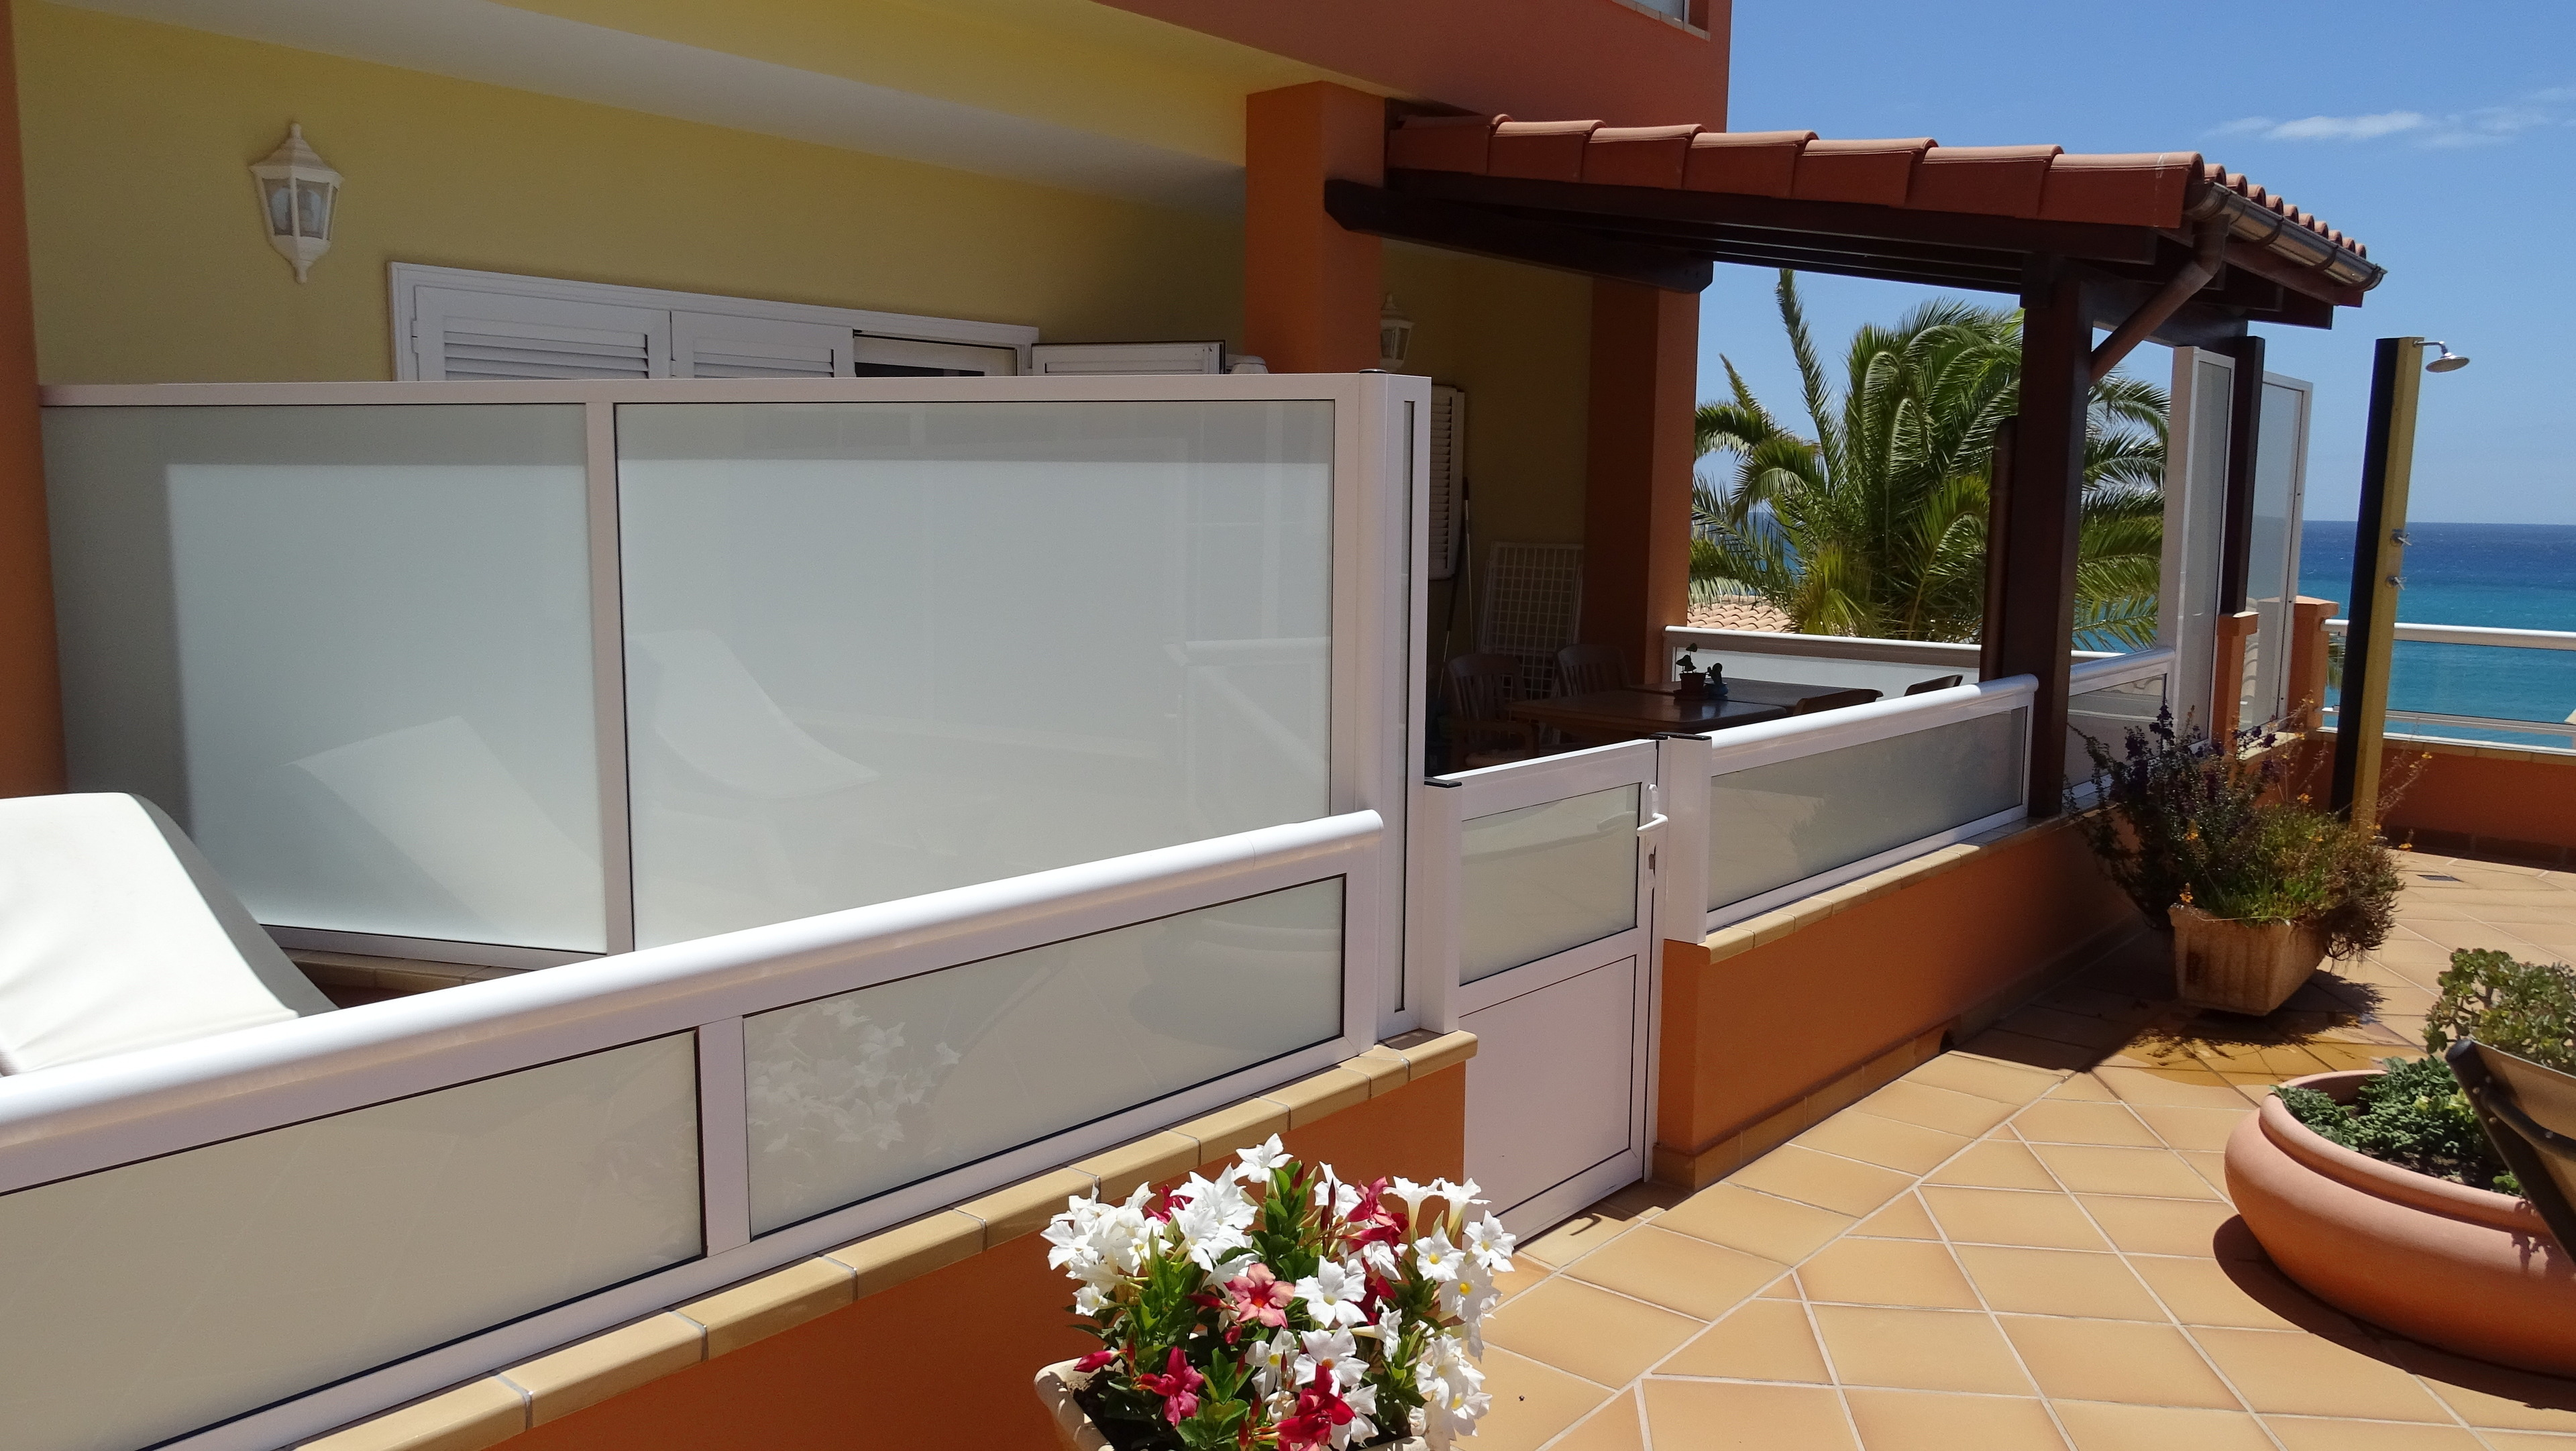 Ferienwohnung Ultra Tres 20 (2626372), Costa Calma, Fuerteventura, Kanarische Inseln, Spanien, Bild 6